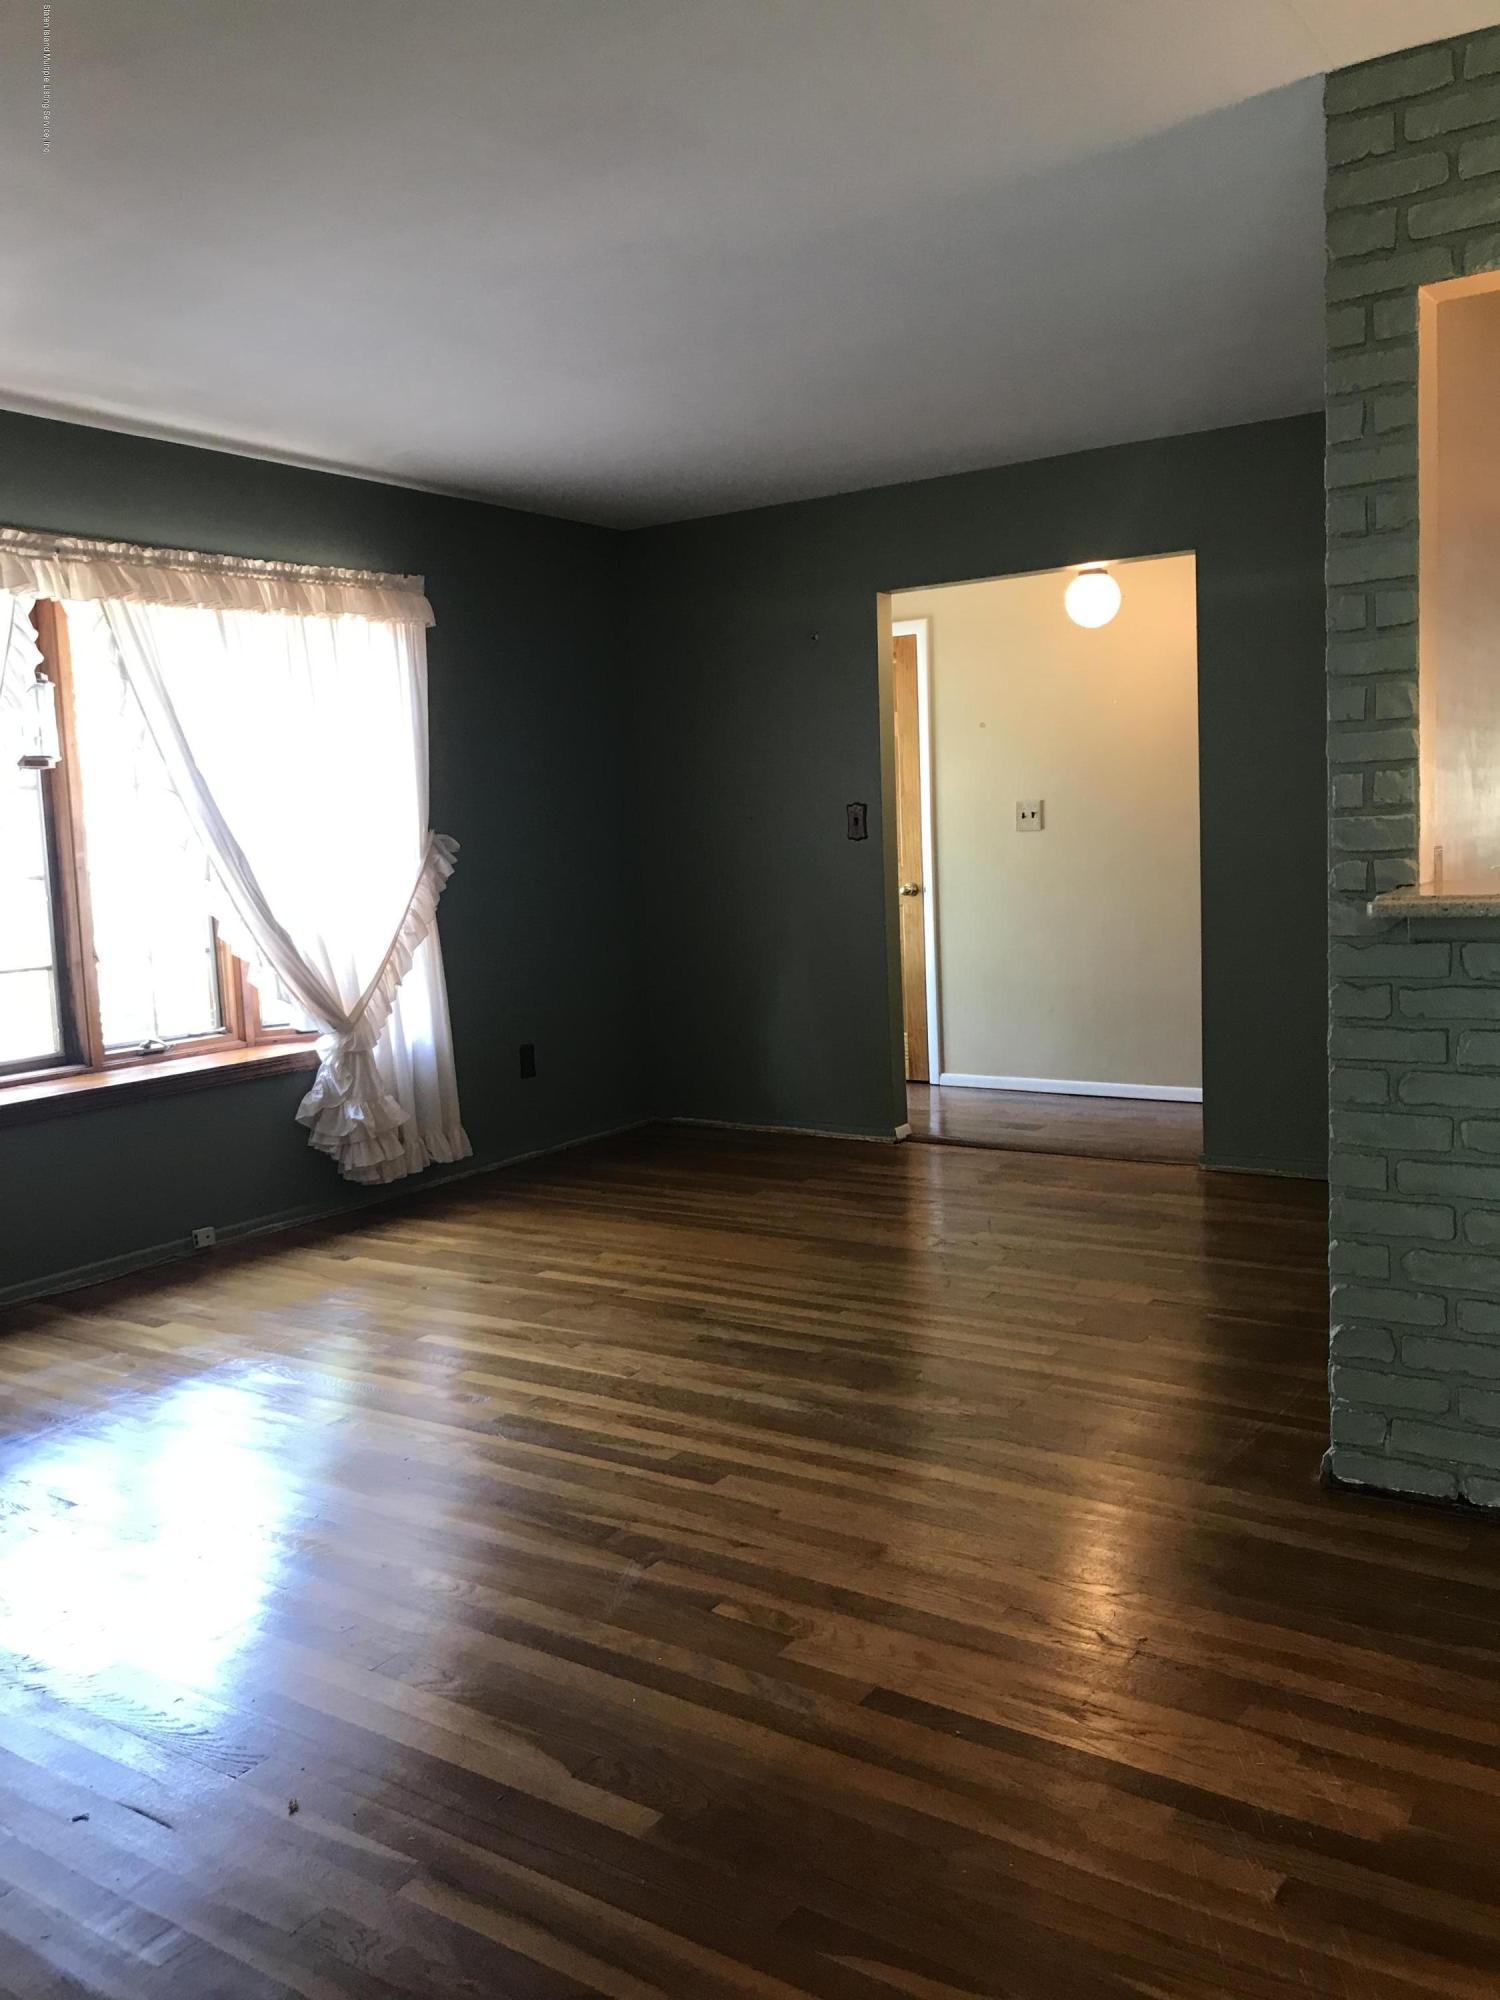 Single Family - Detached 88 Leverett Avenue  Staten Island, NY 10308, MLS-1131026-5